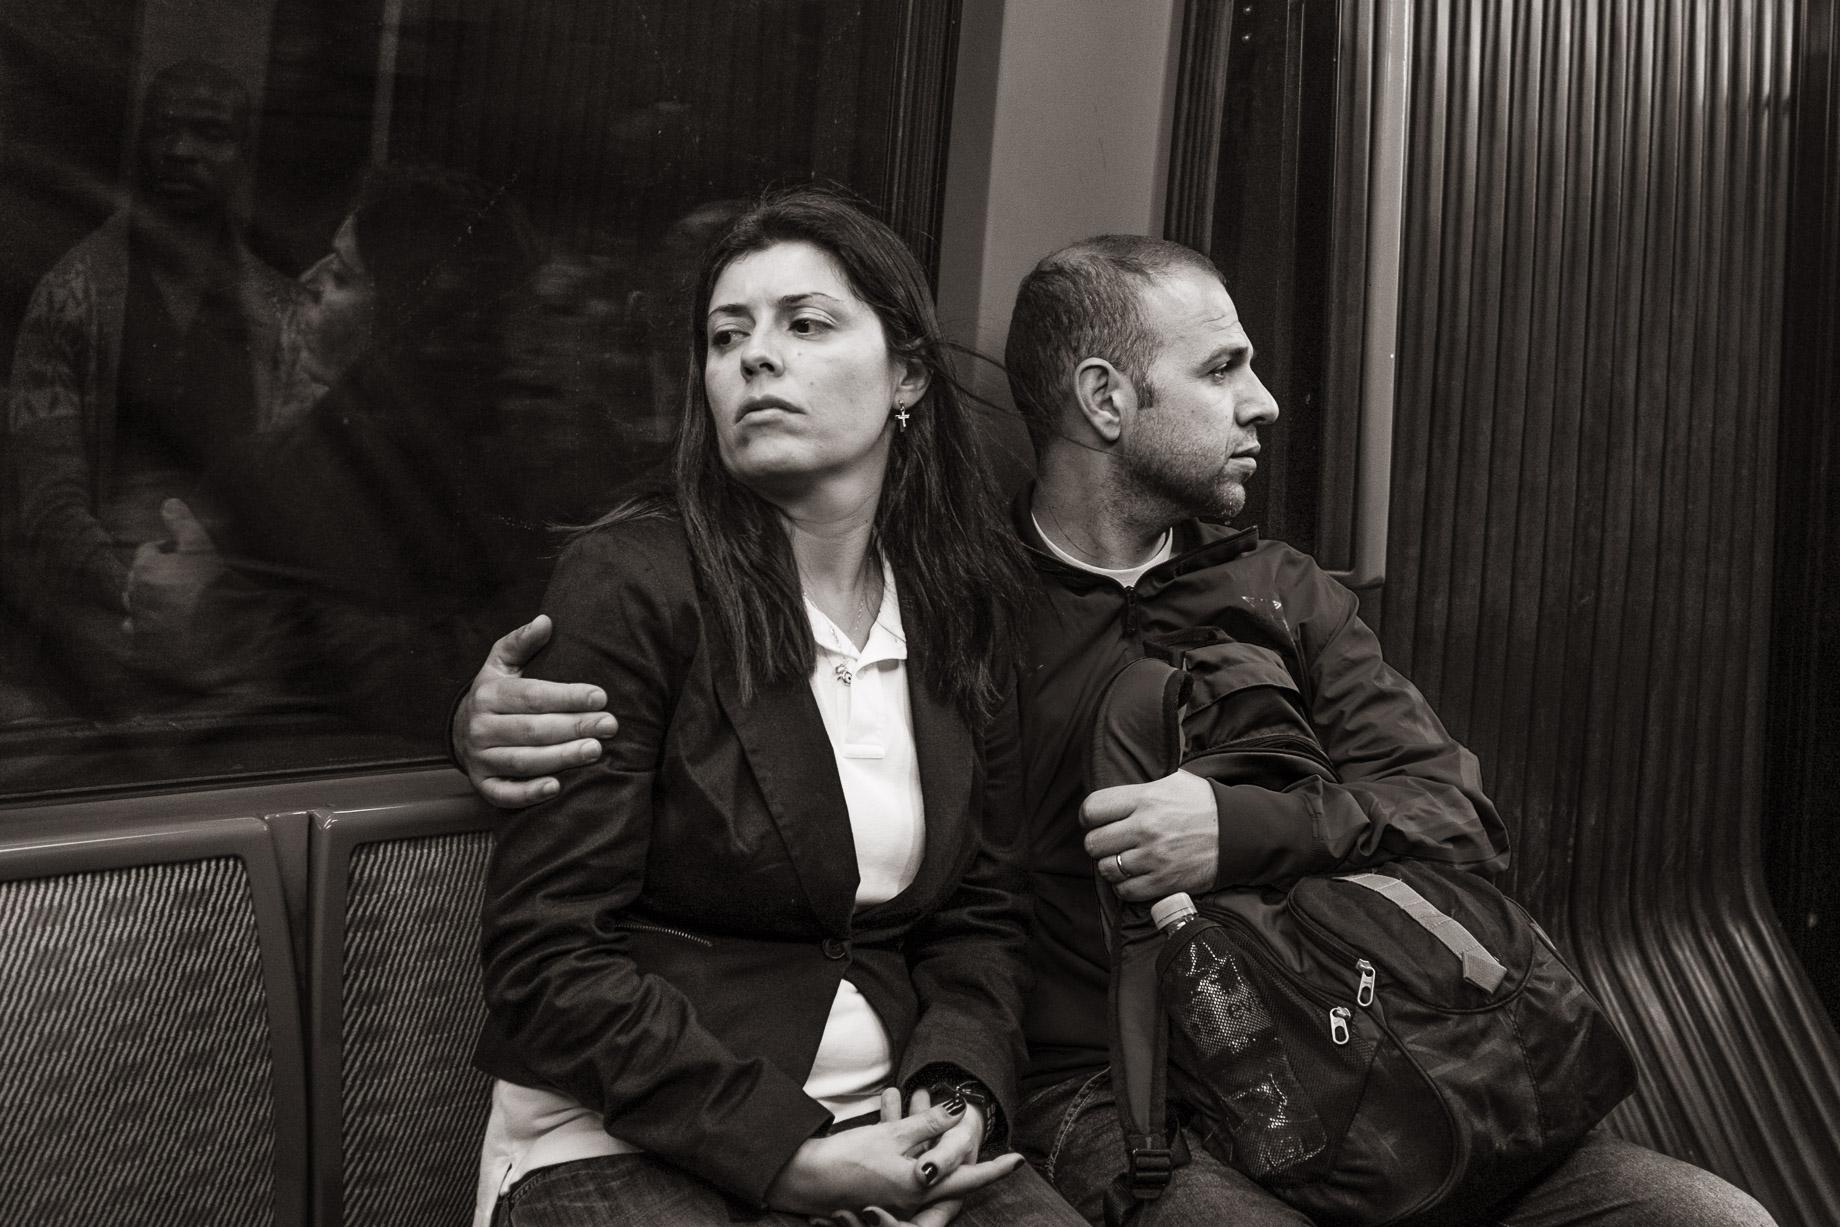 01 Metro Line 4 near Château d'Eau, Paris